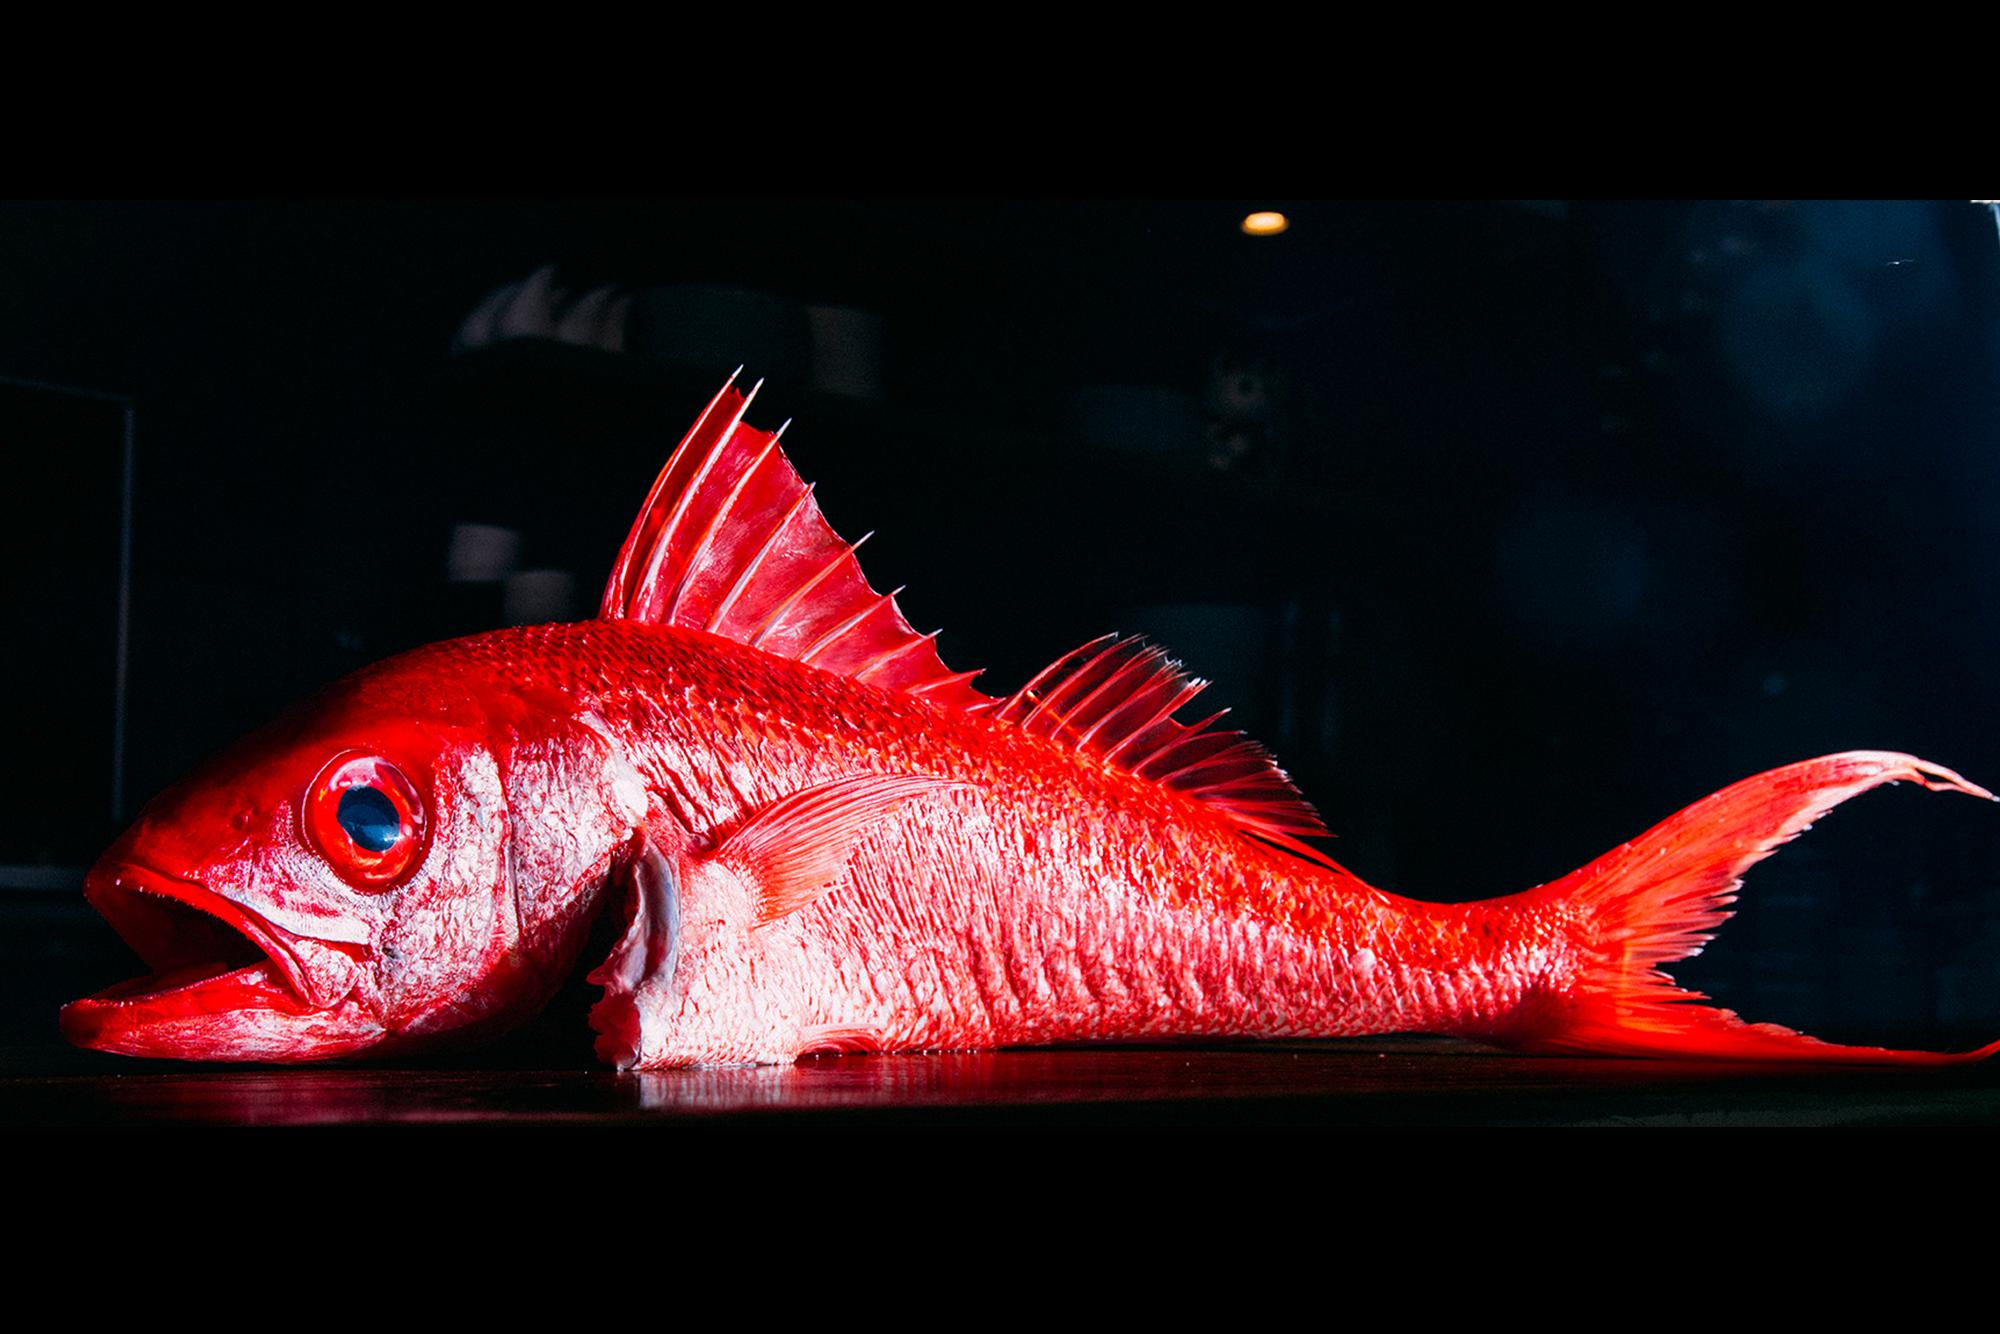 redfish.png